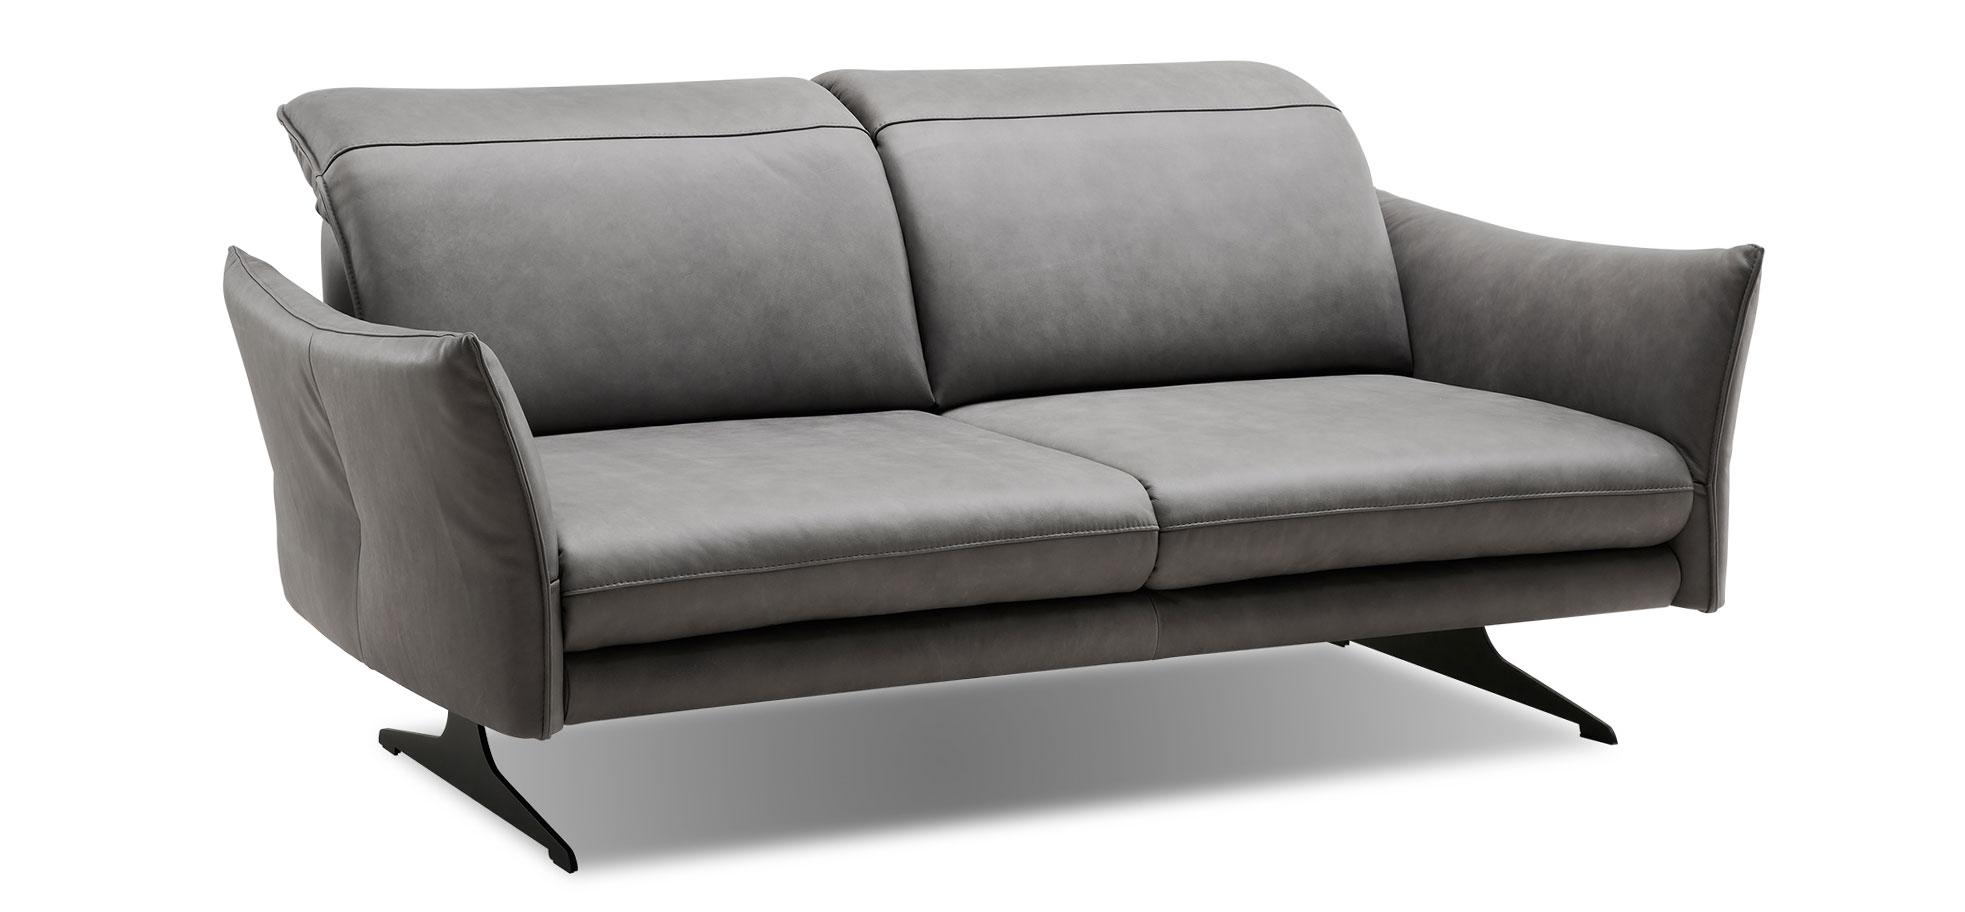 Natura Burnett Sofa in Leder grau, hochwertig, mit Sitztiefenverstellung